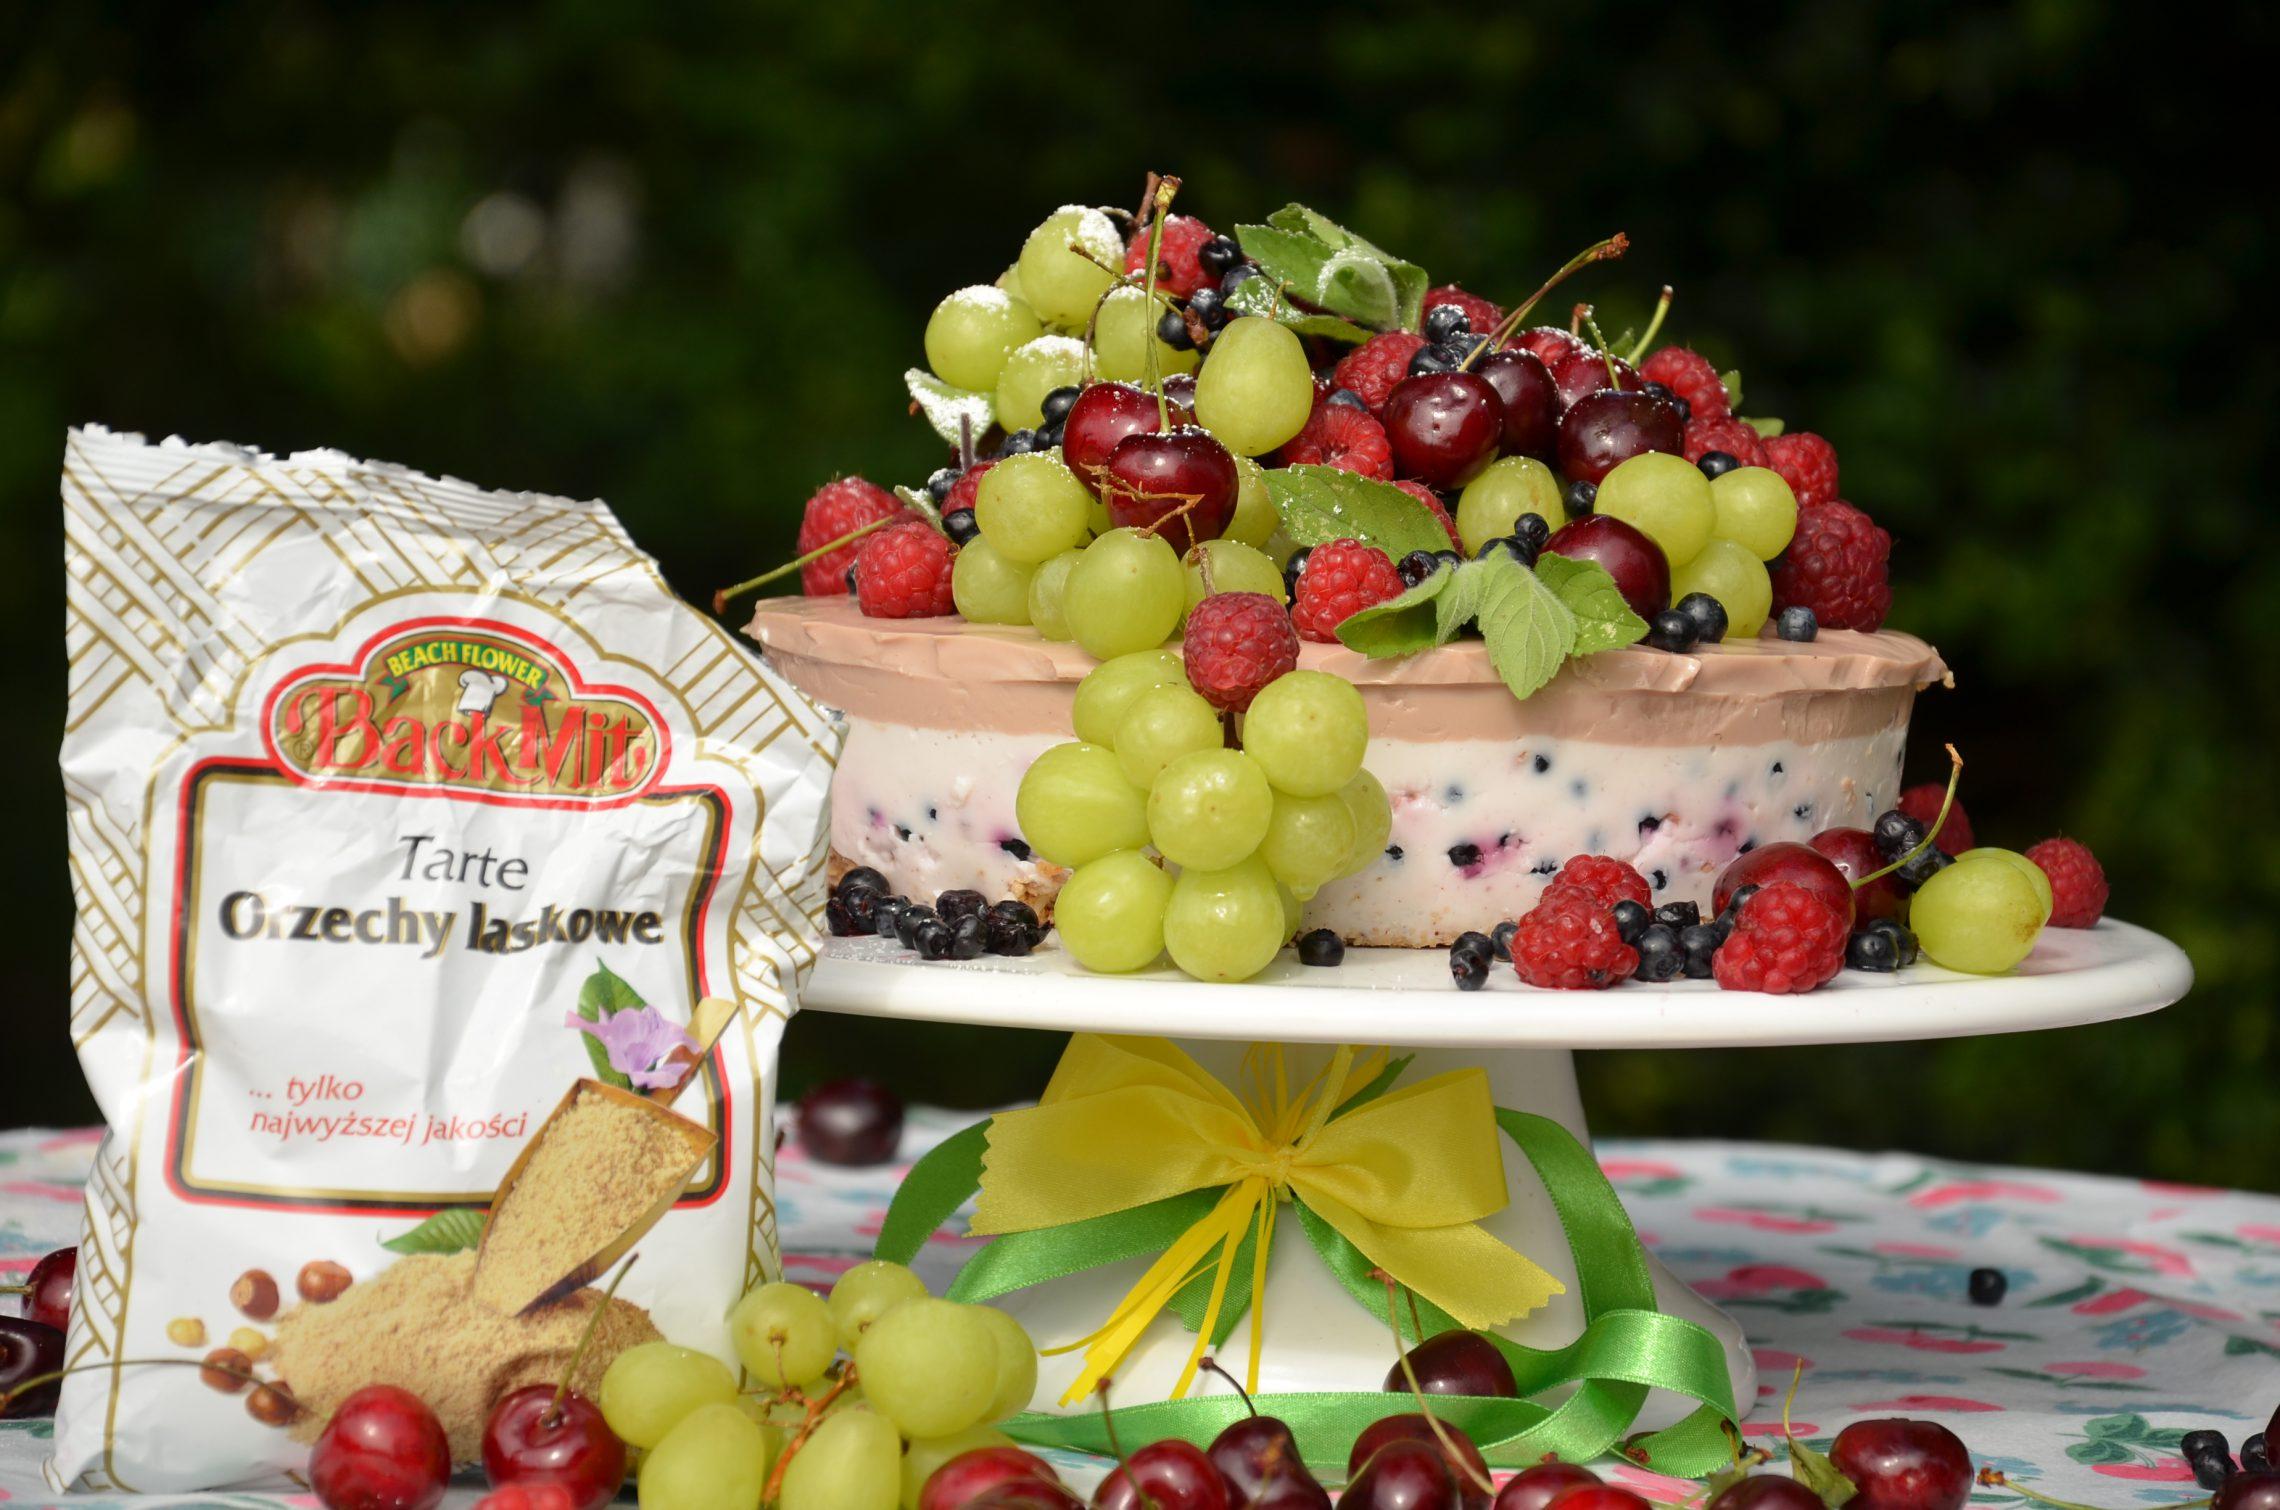 Dietetyczny sernik pianka na zimno z owocami